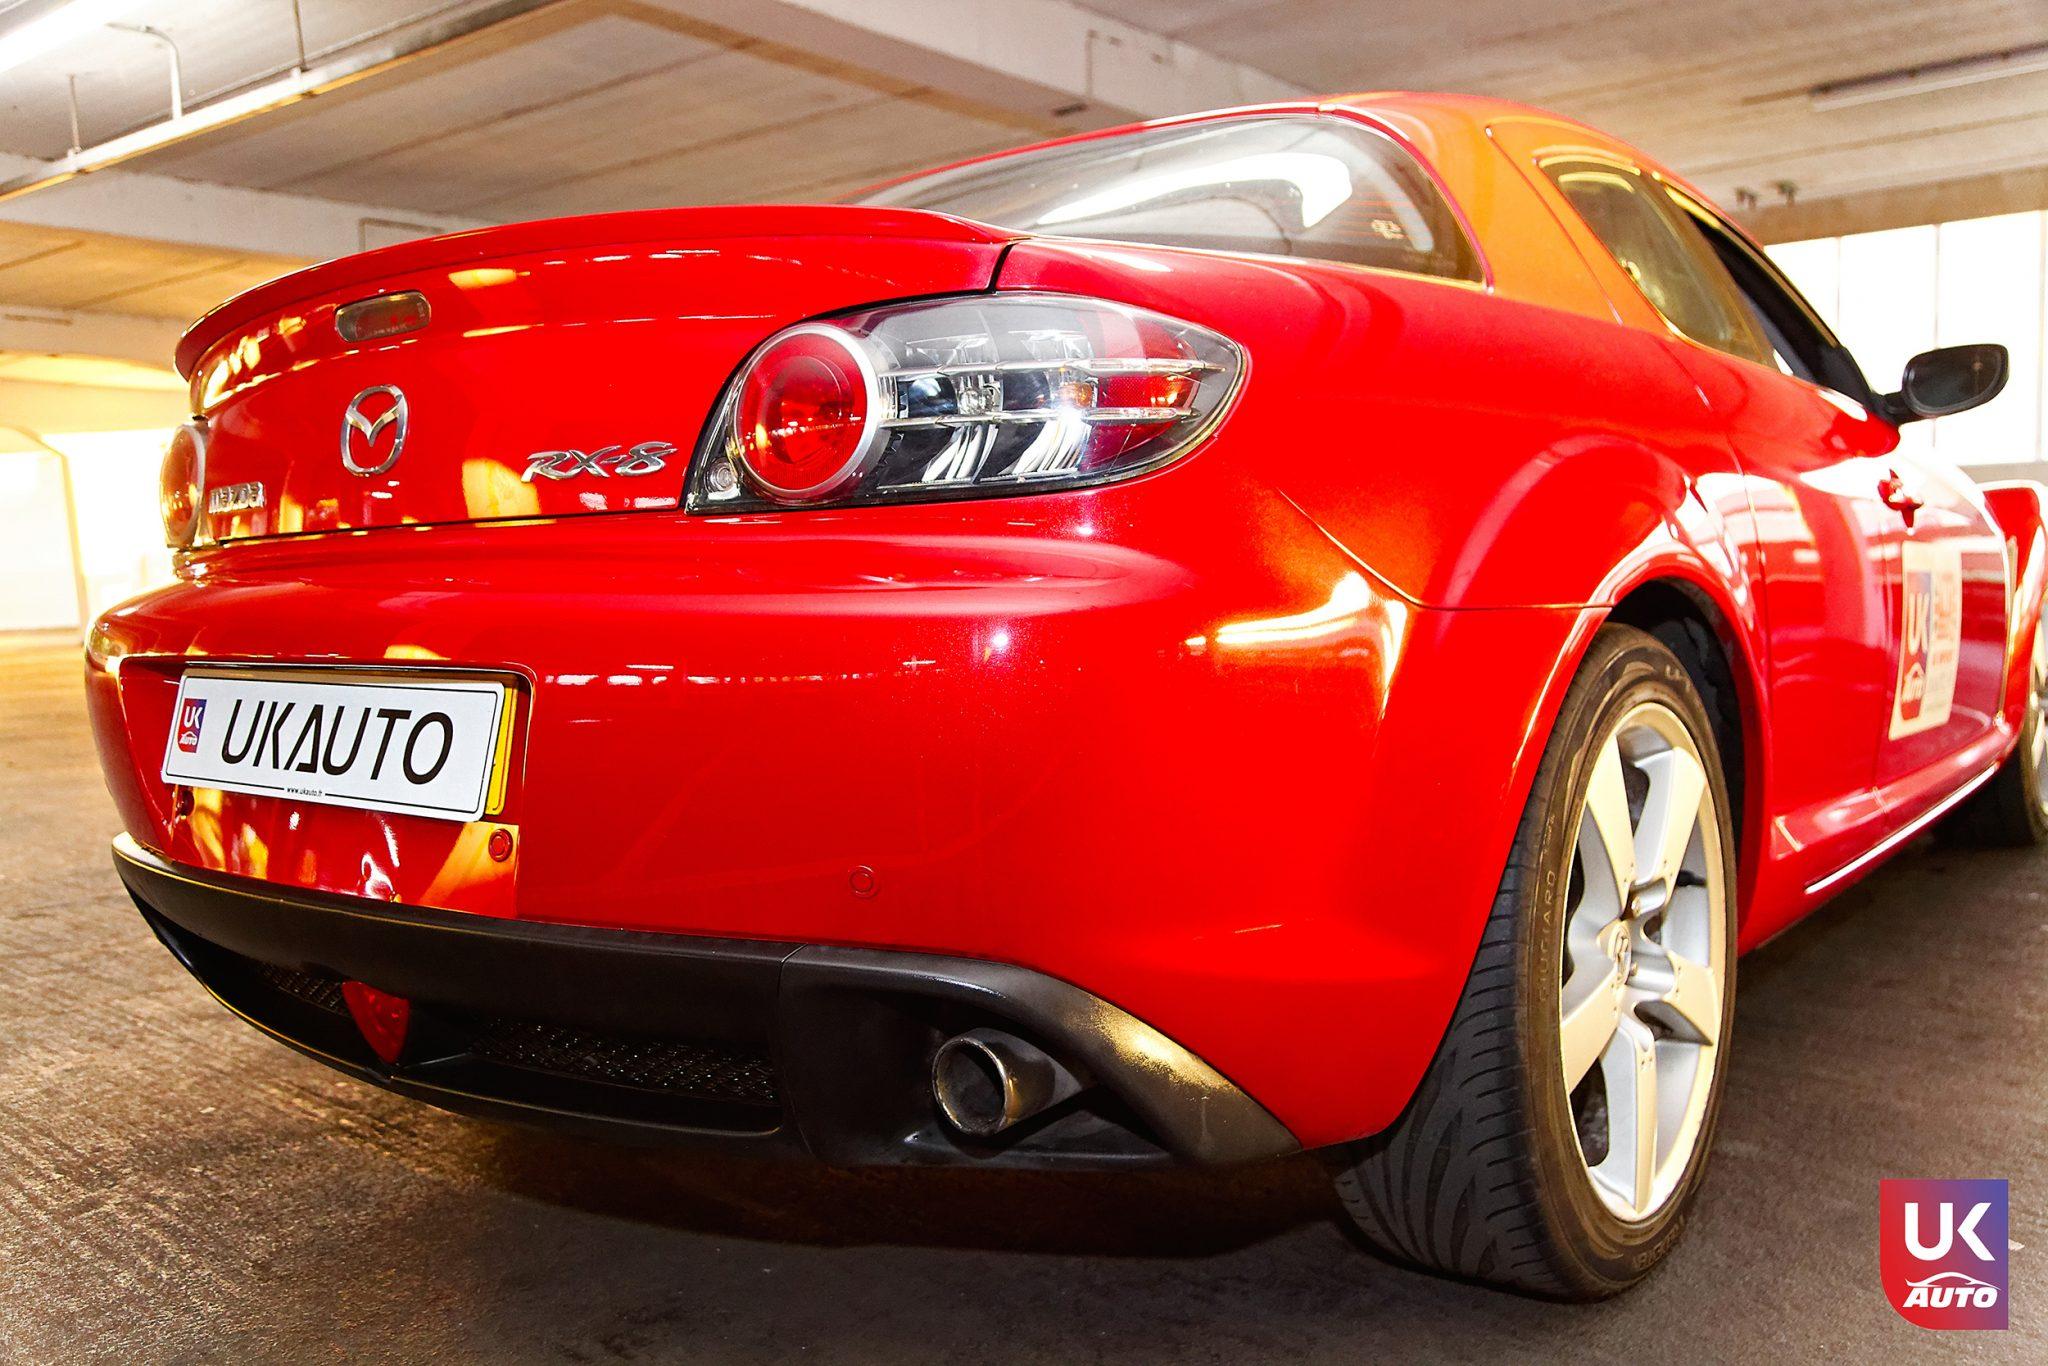 ukauto import uk angleterre mazda rx8 import voiture anglaise auto uk12 - Felecitation a Jeremie pour cette Mazda RX8 RHD import voiture anglaise N1 UK